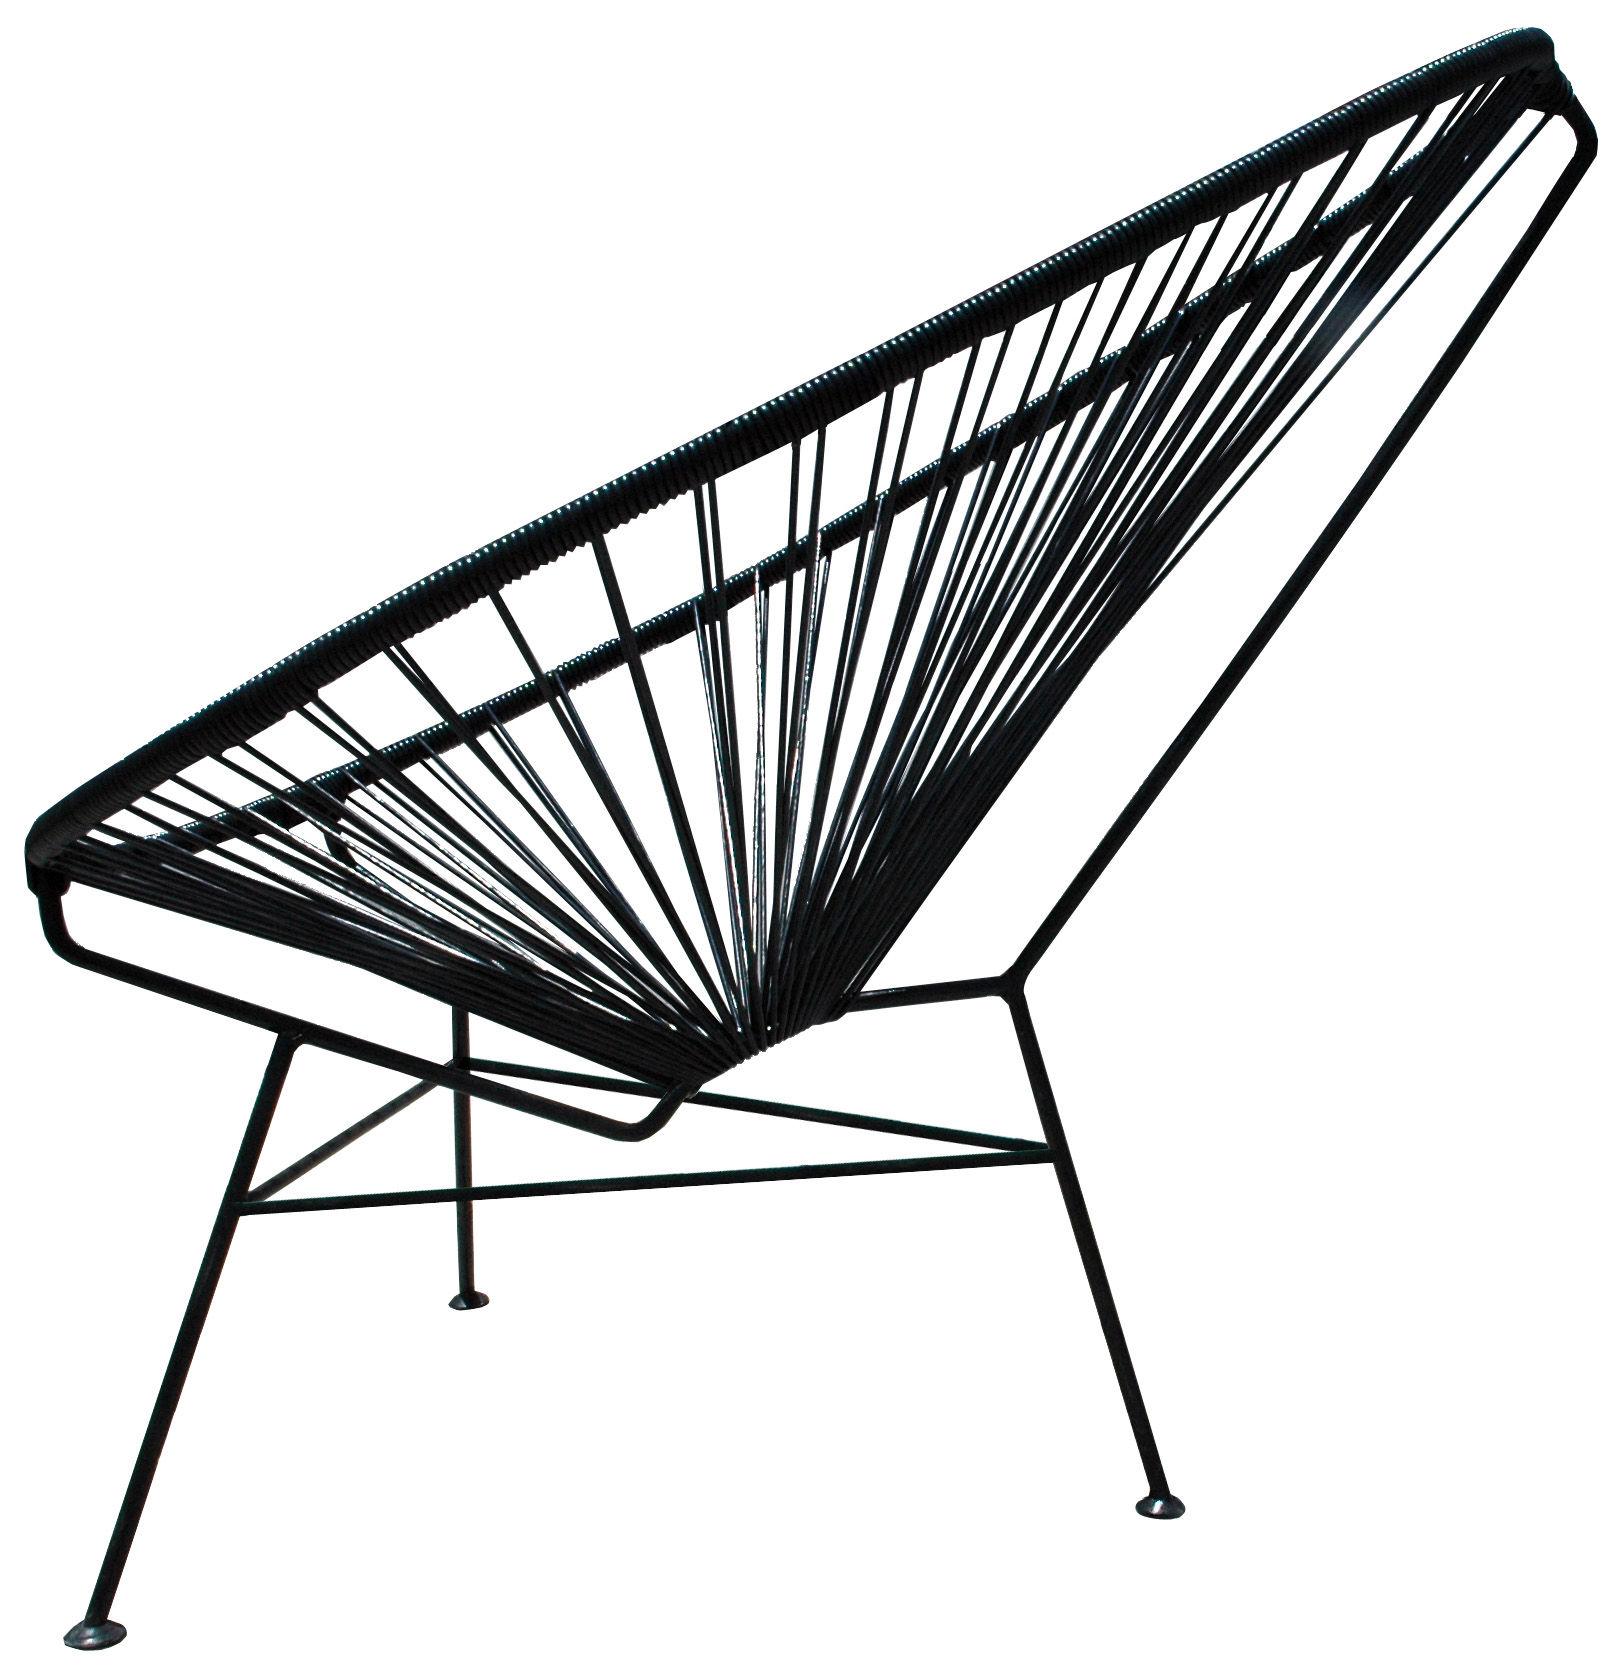 Mobilier - Fauteuils - Fauteuil bas Acapulco - OK Design pour Sentou Edition - Noir - Acier laqué, Matière plastique